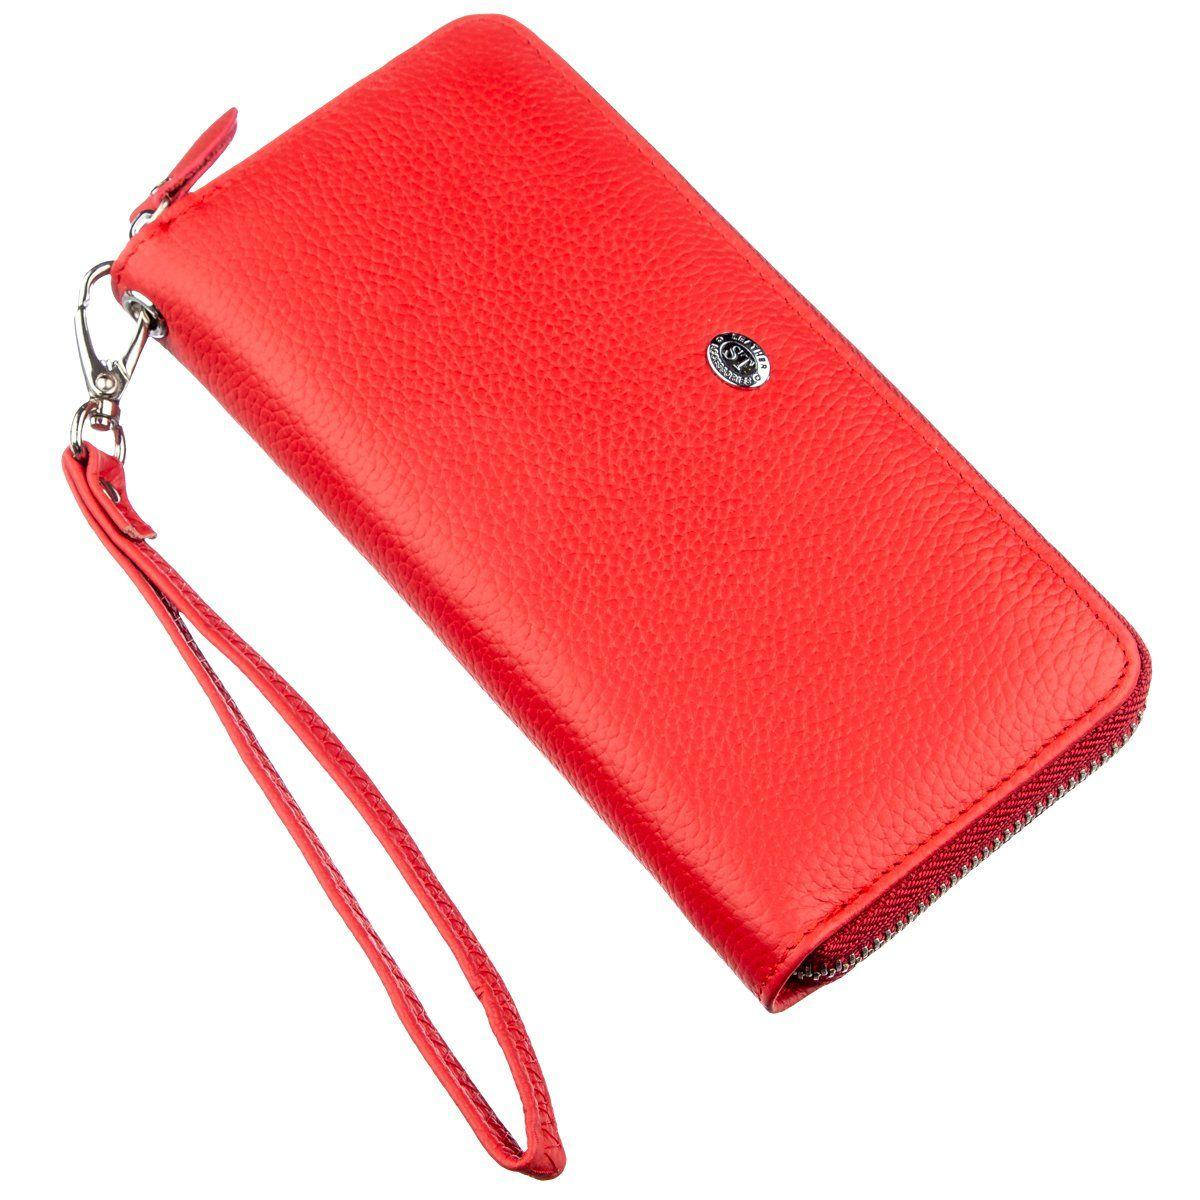 Женский клатч на молнии ST Leather 18931 Красный, Красный